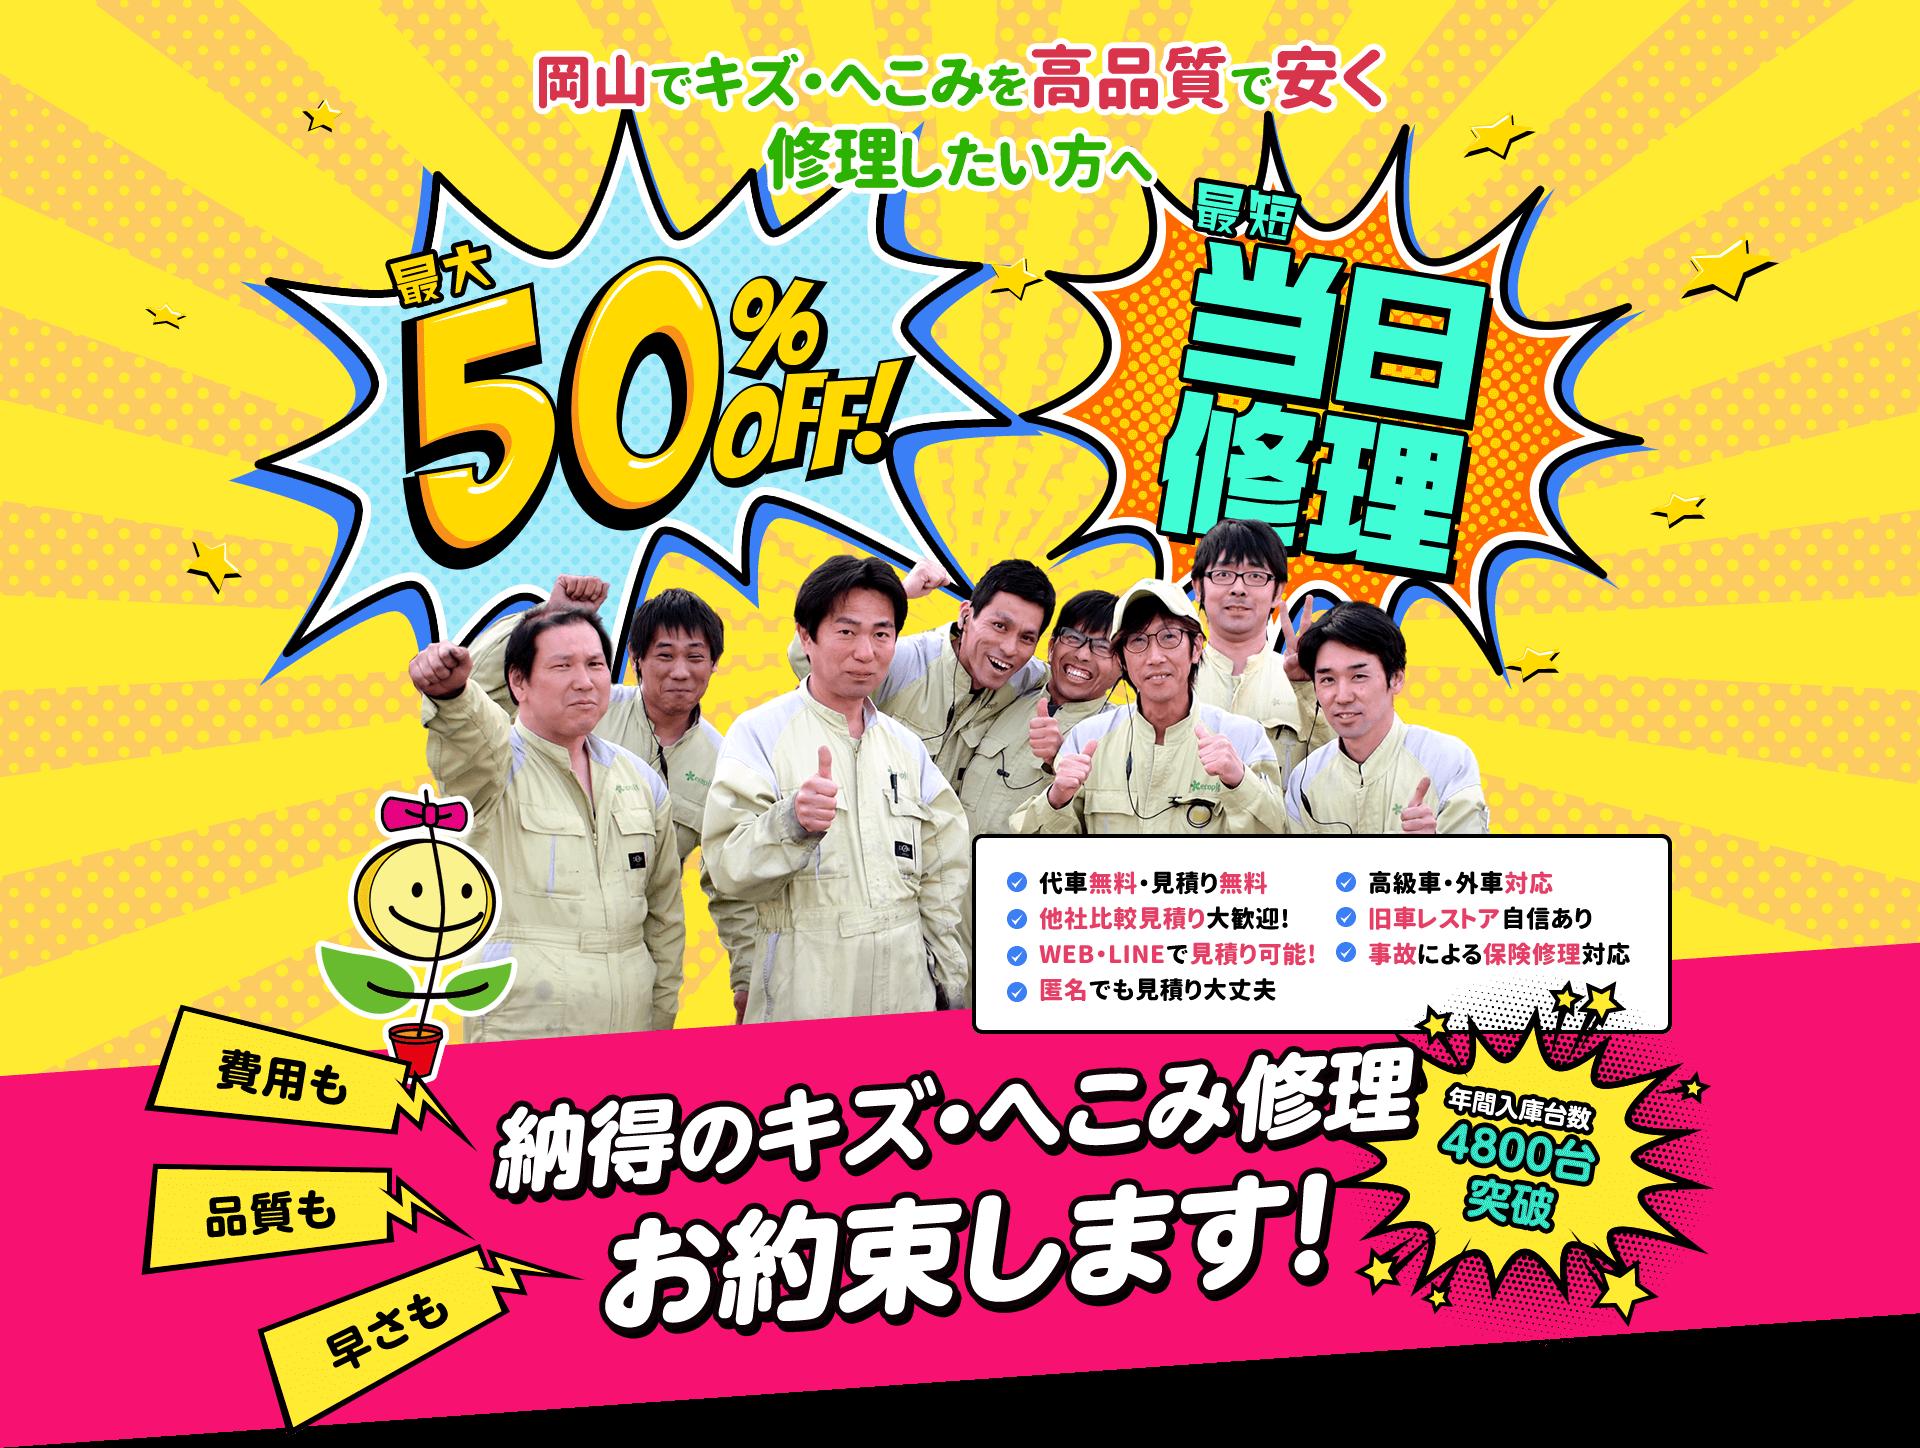 岡山で自動車のキズ・へこみを安く高品質で修理したい方へ。岡山キズへこみ修理 板金塗装専門店では『最大50%OFF』『最短当日修理』で、あなたの悩みを今すぐ解消します!